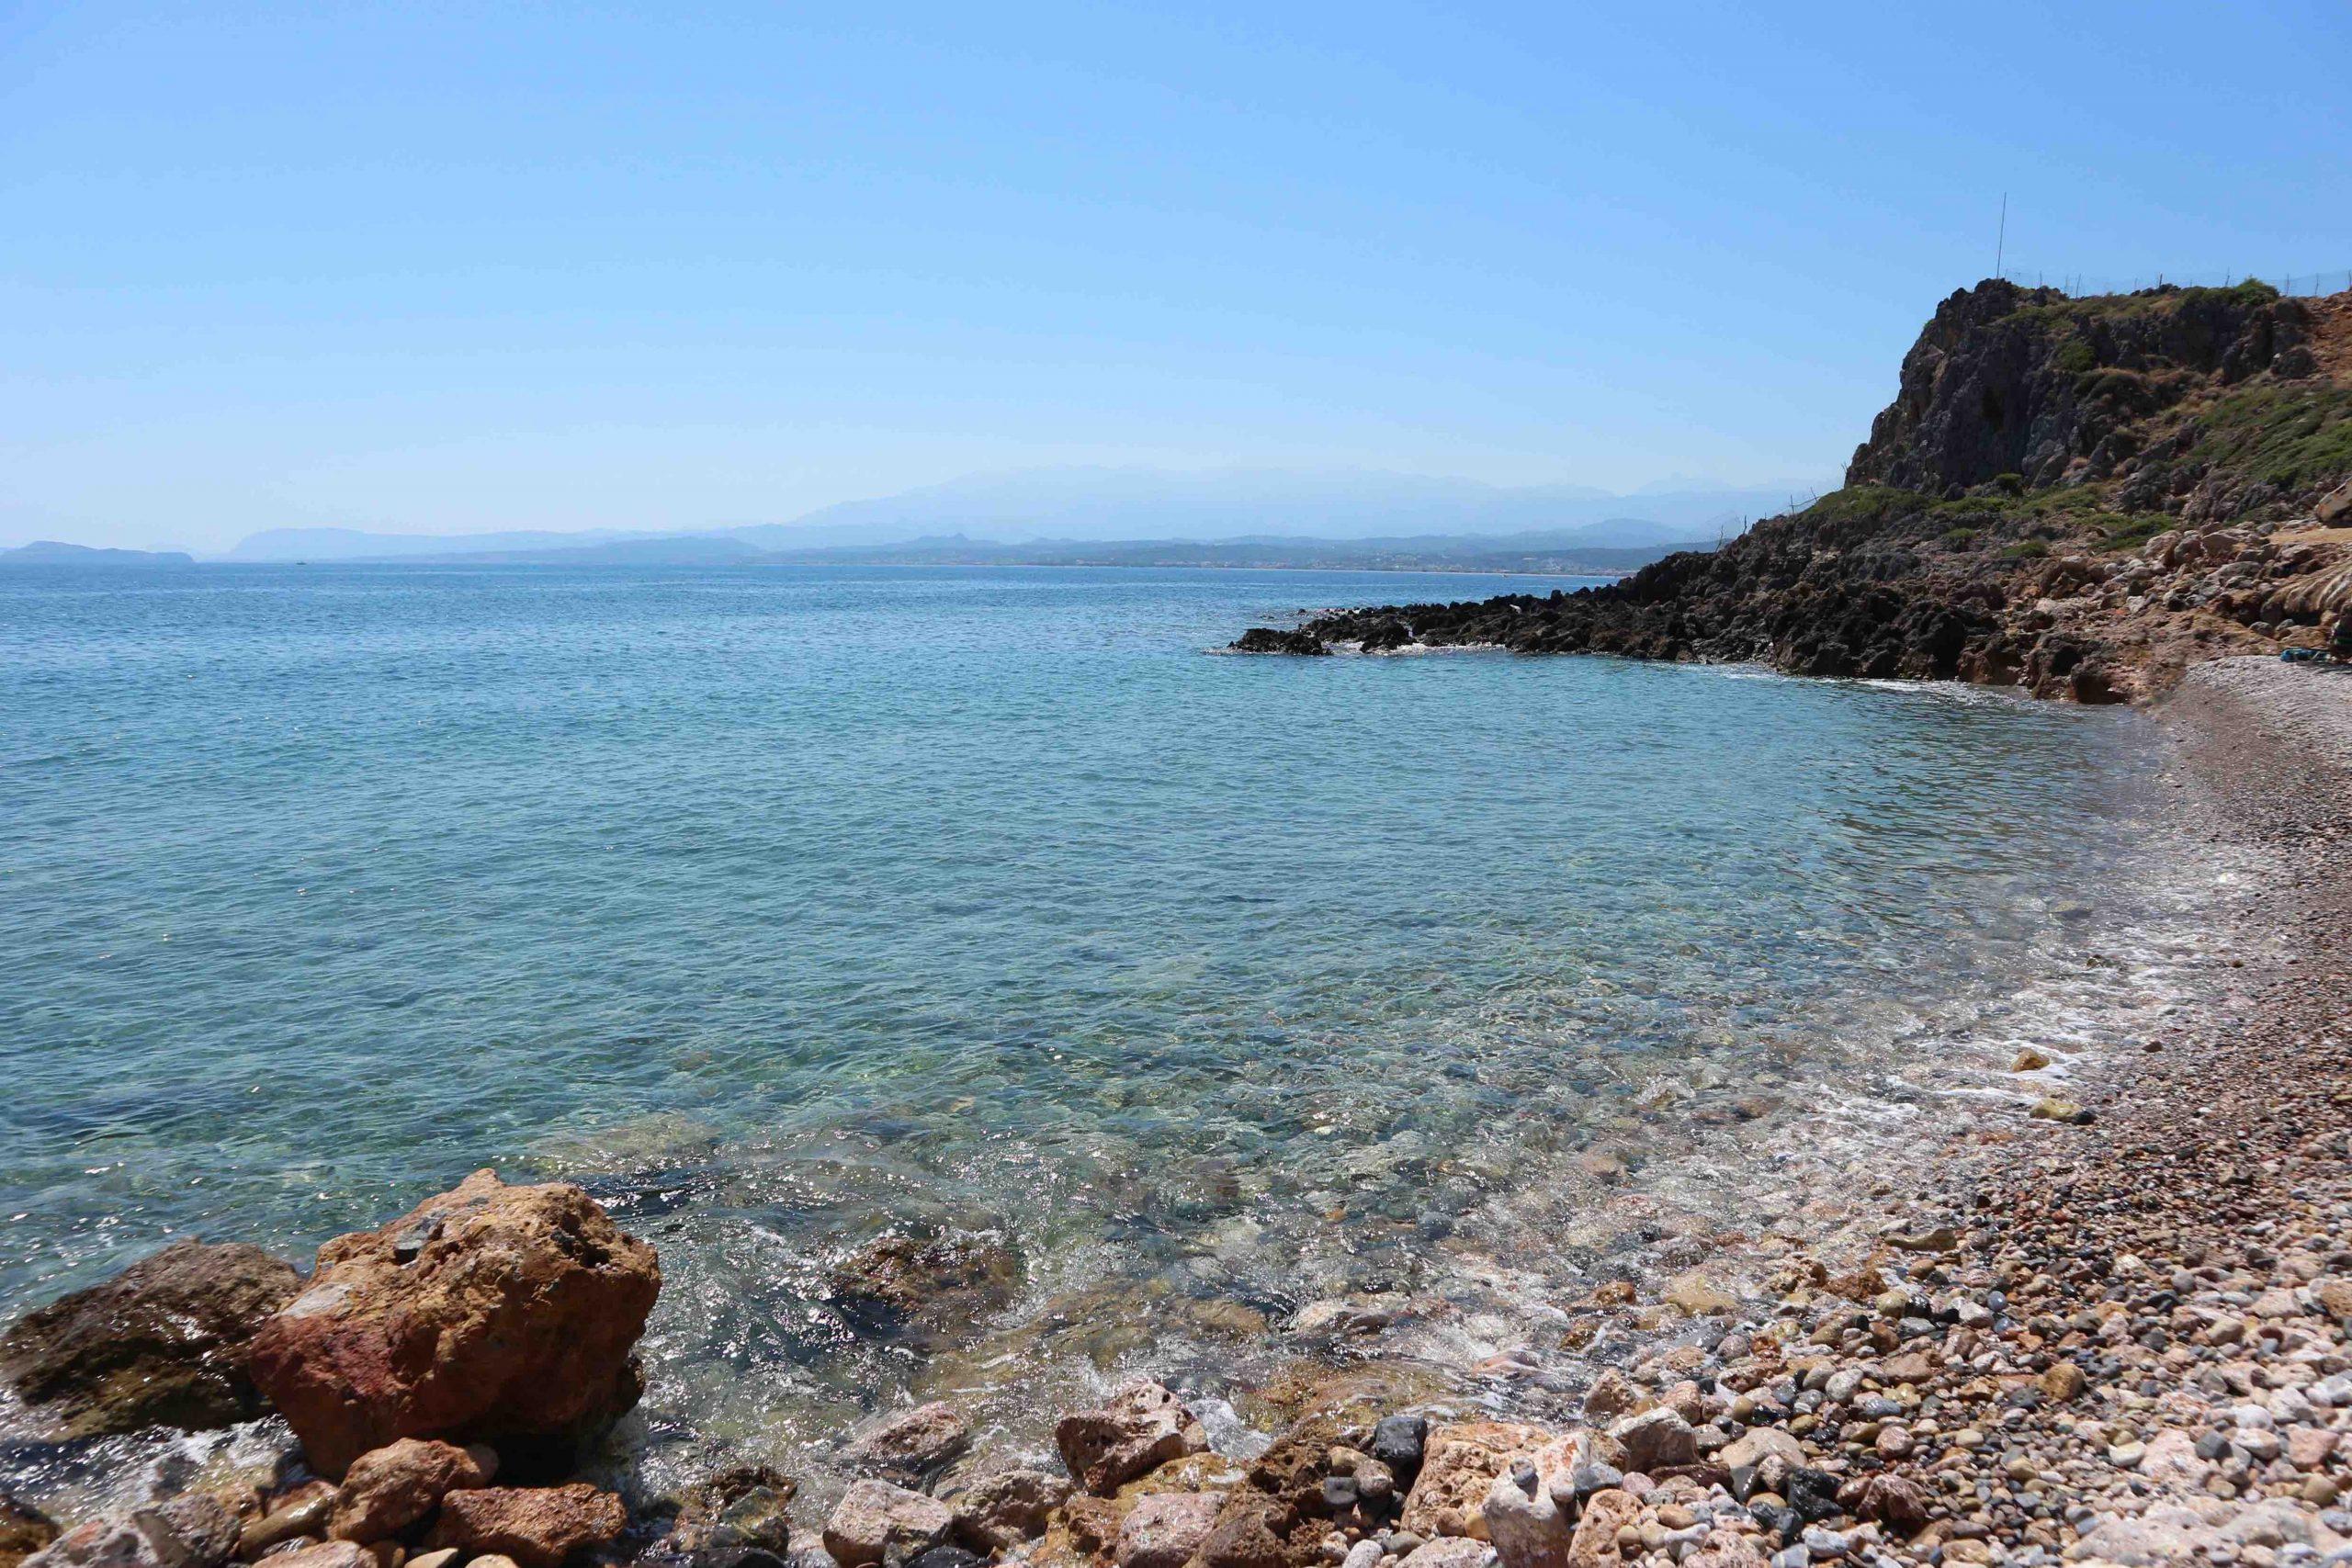 afrata beach chania crete